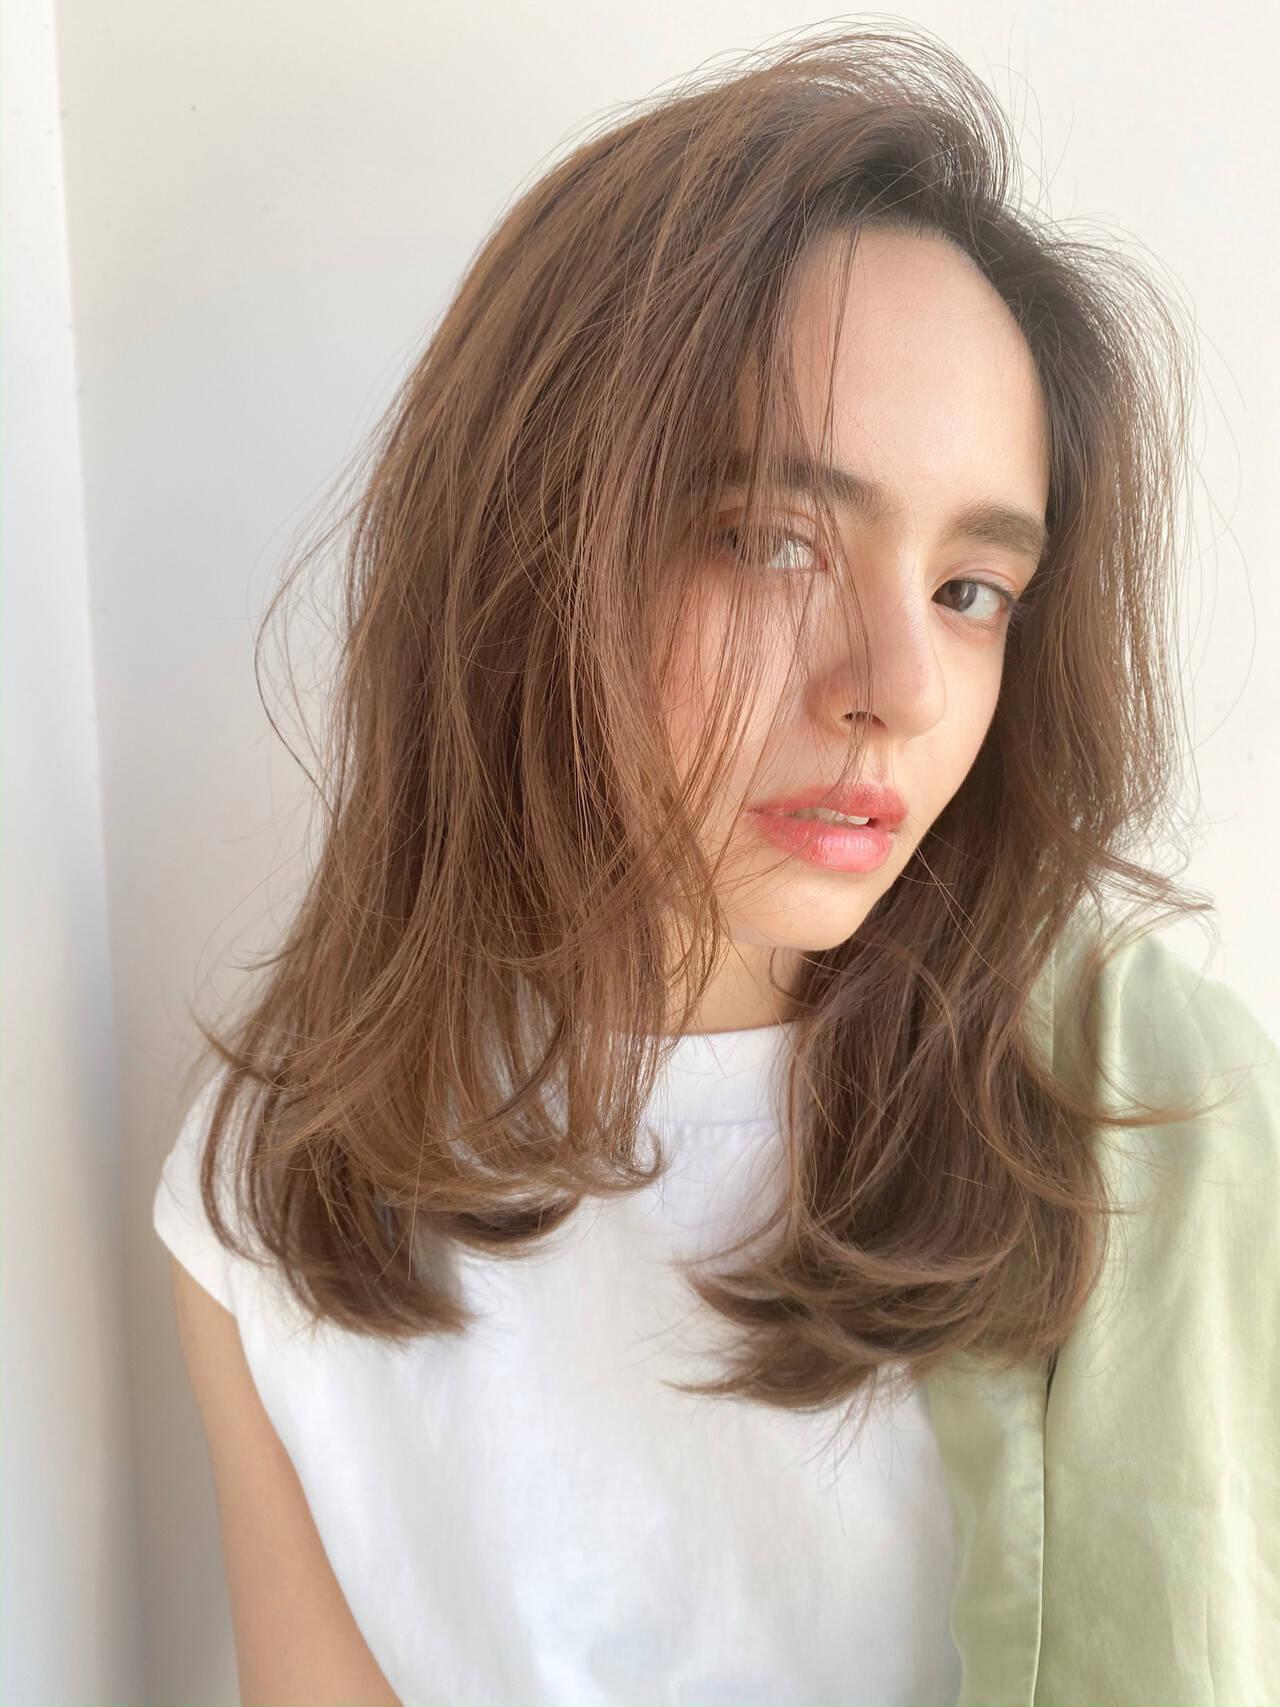 かきあげバング ナチュラル スウィングレイヤー レイヤーカットヘアスタイルや髪型の写真・画像